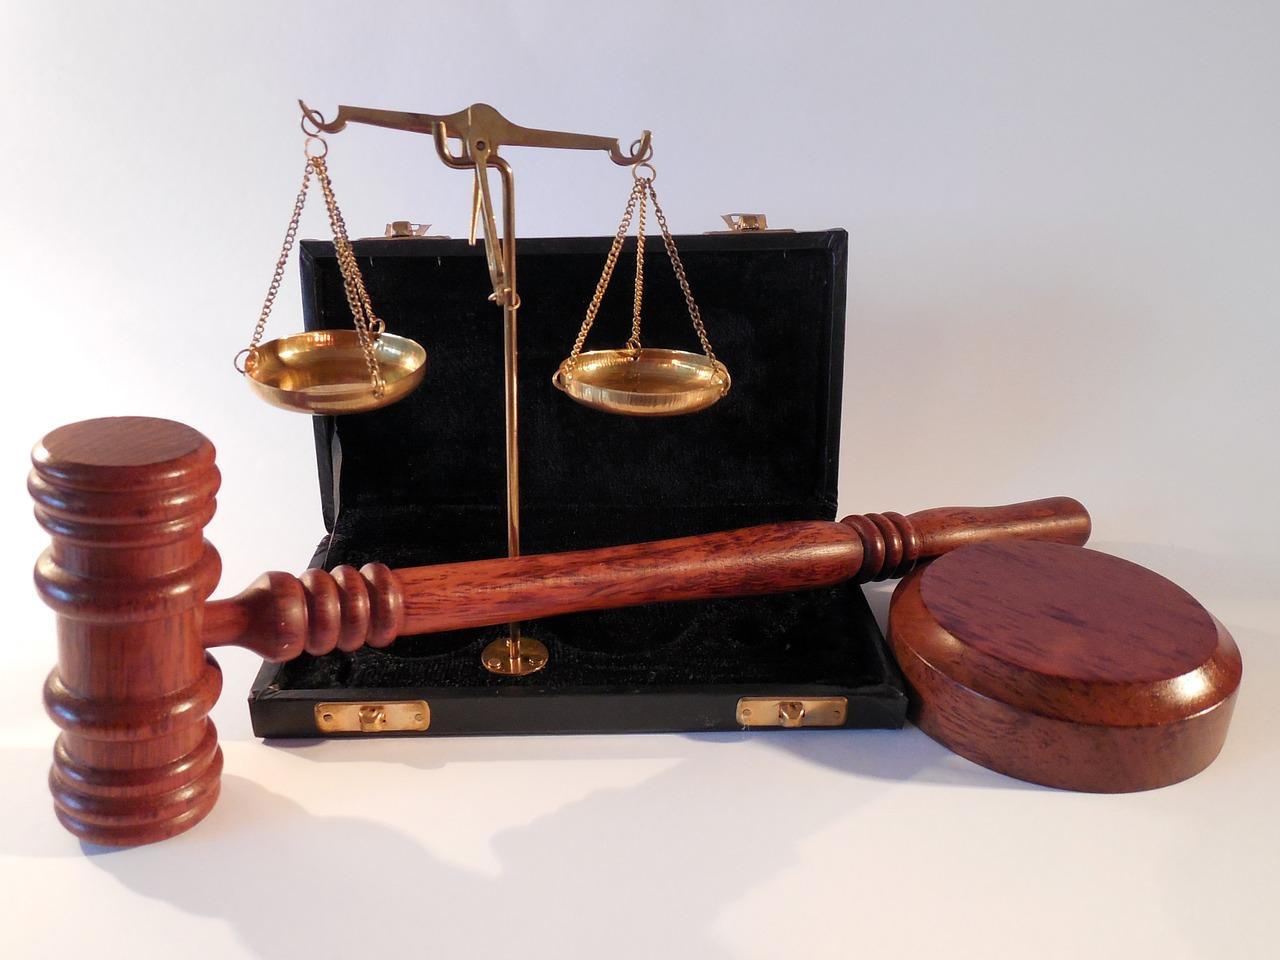 パラリーガルとは?意味や年収・男女比は?弁護士/司法書士との違いは何?